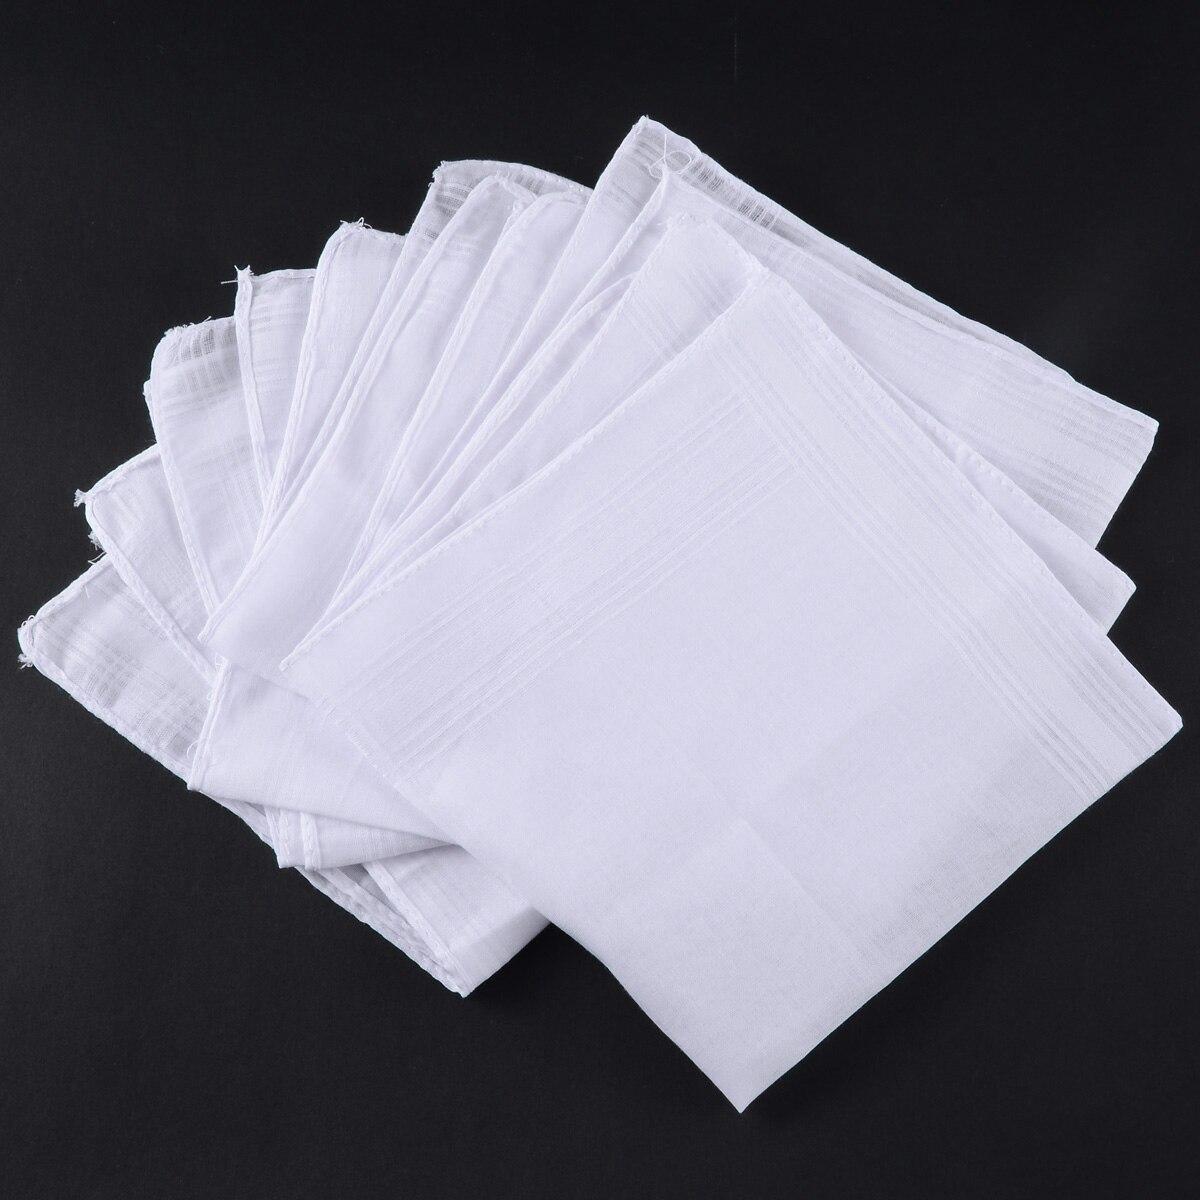 5 uds. De bolsillo blanco de algodón pañuelos sólidos Hankie con rayas hombres 40*40cm cuadrados Hanky fiesta Vintage regalo pañuelos